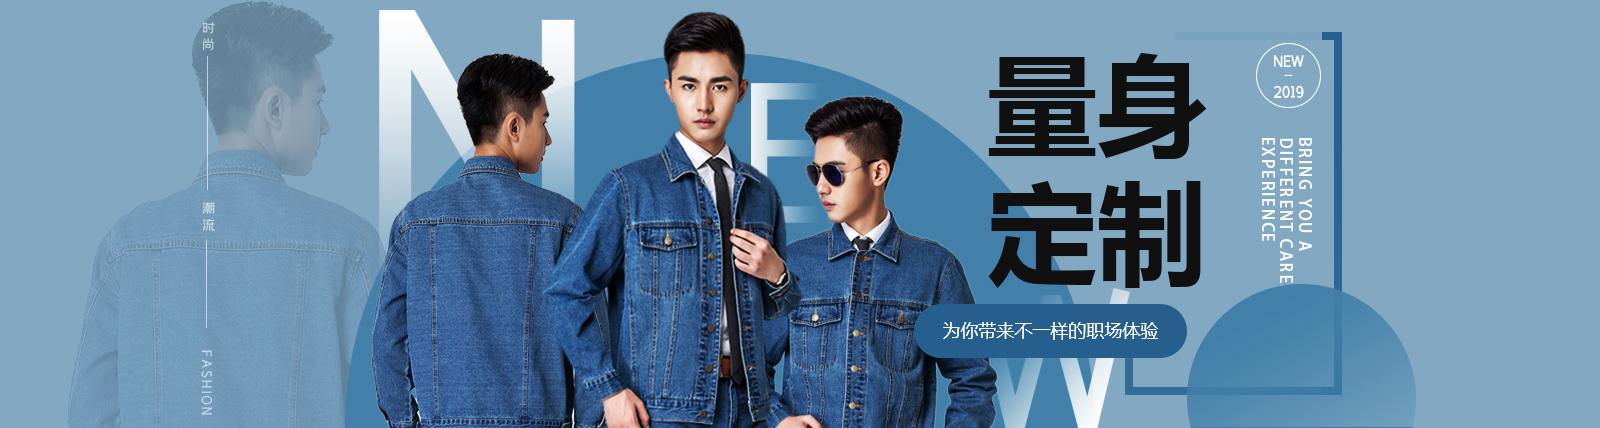 重庆工作服定制应该注意夏季工作服和秋季工作服的区别!